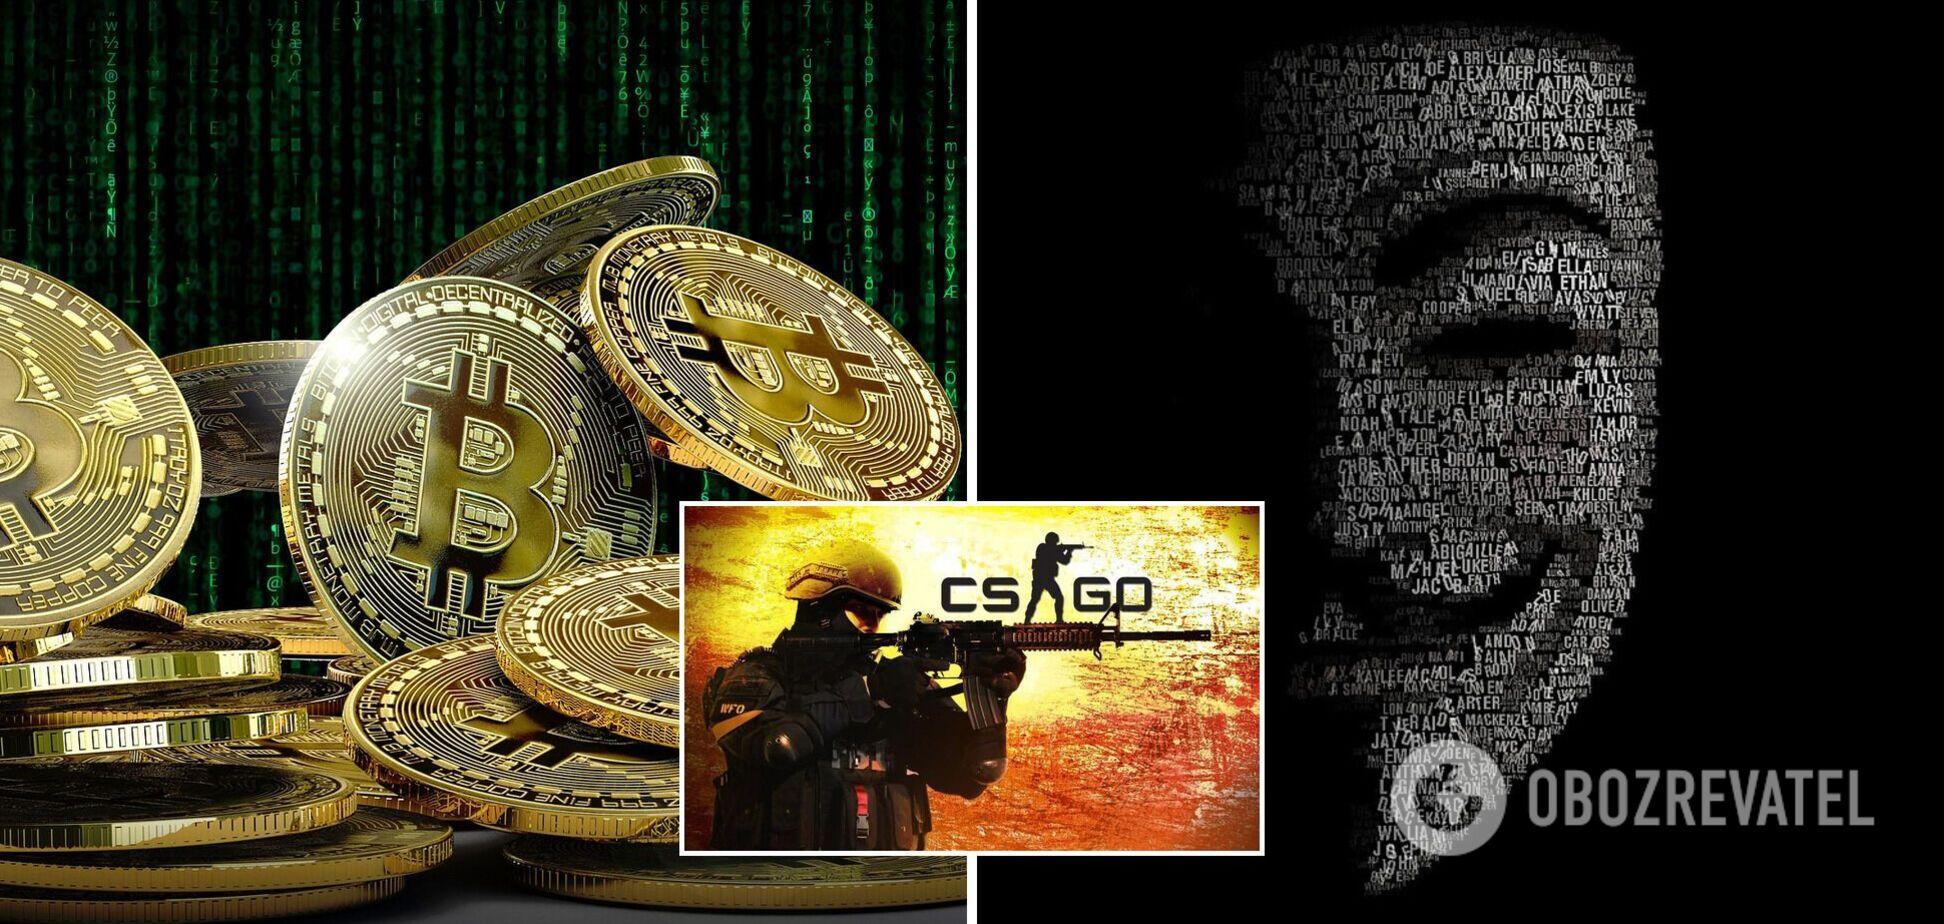 Хакеры под видом видеоигр воровали у людей данные биткоин-кошельков